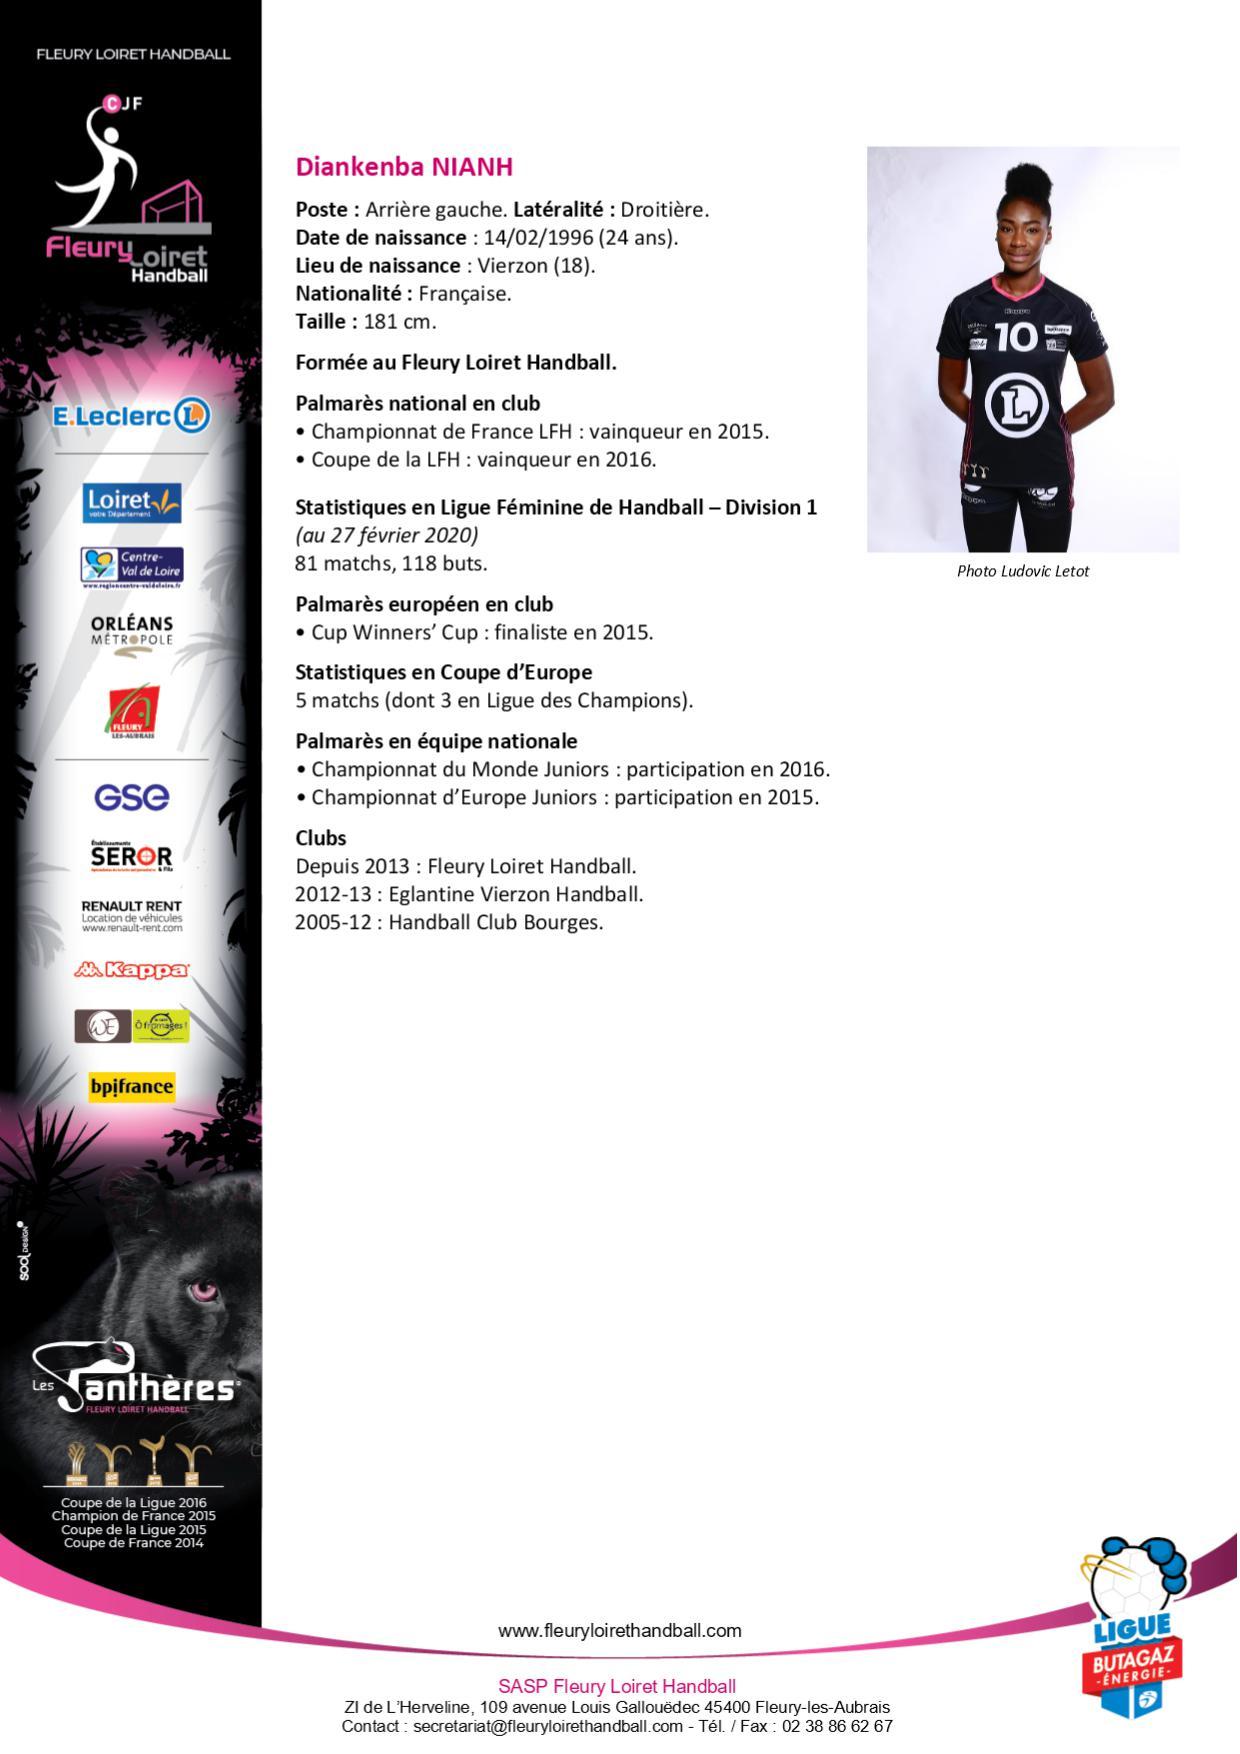 Aout 2015 - Communiqué Fleury Loiret Handball - Jeudi 27 février 20202.jpg